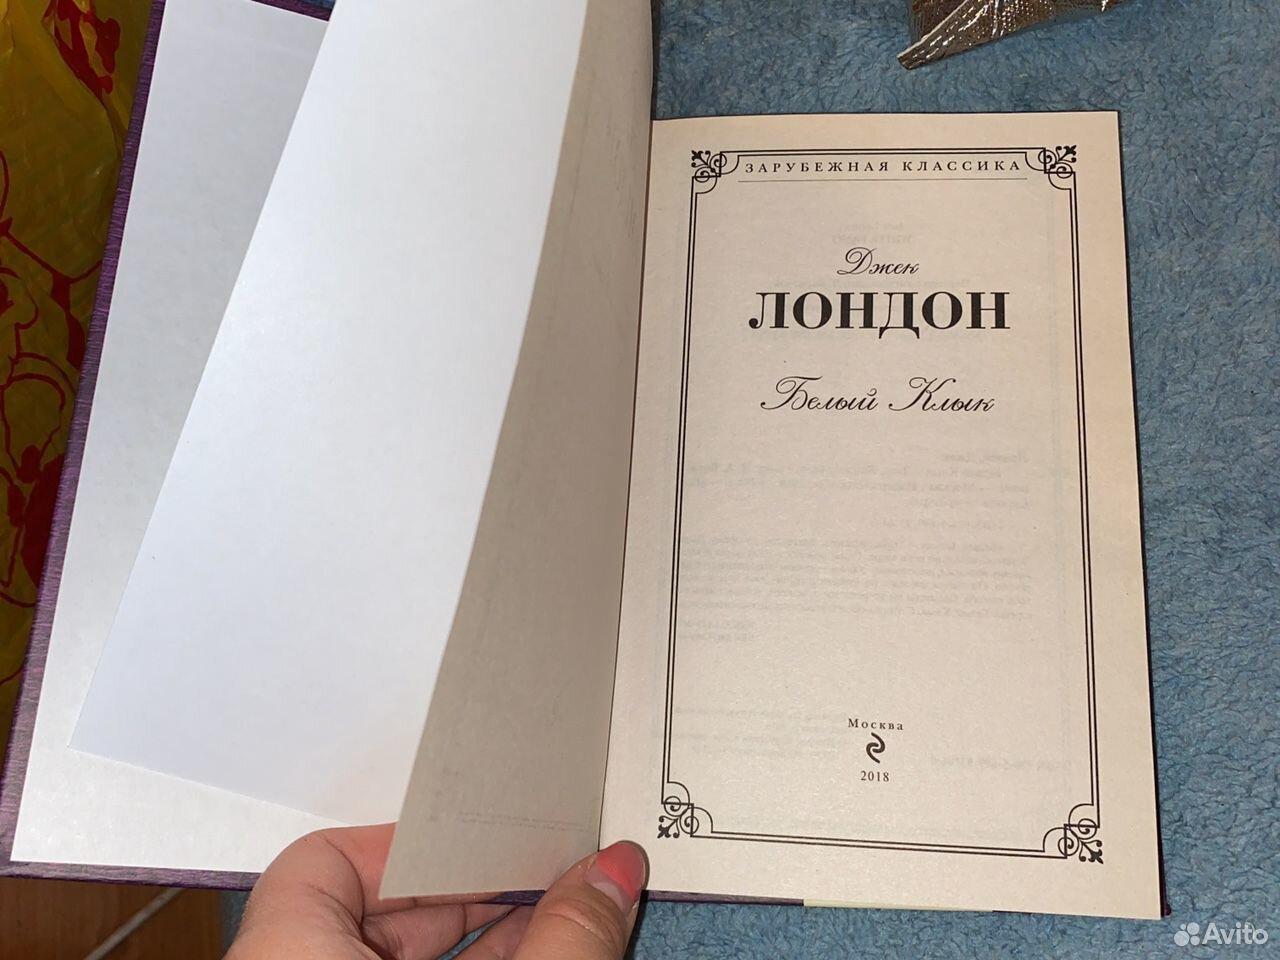 Книга Джек Лондон «Белый клык»  89995591619 купить 2